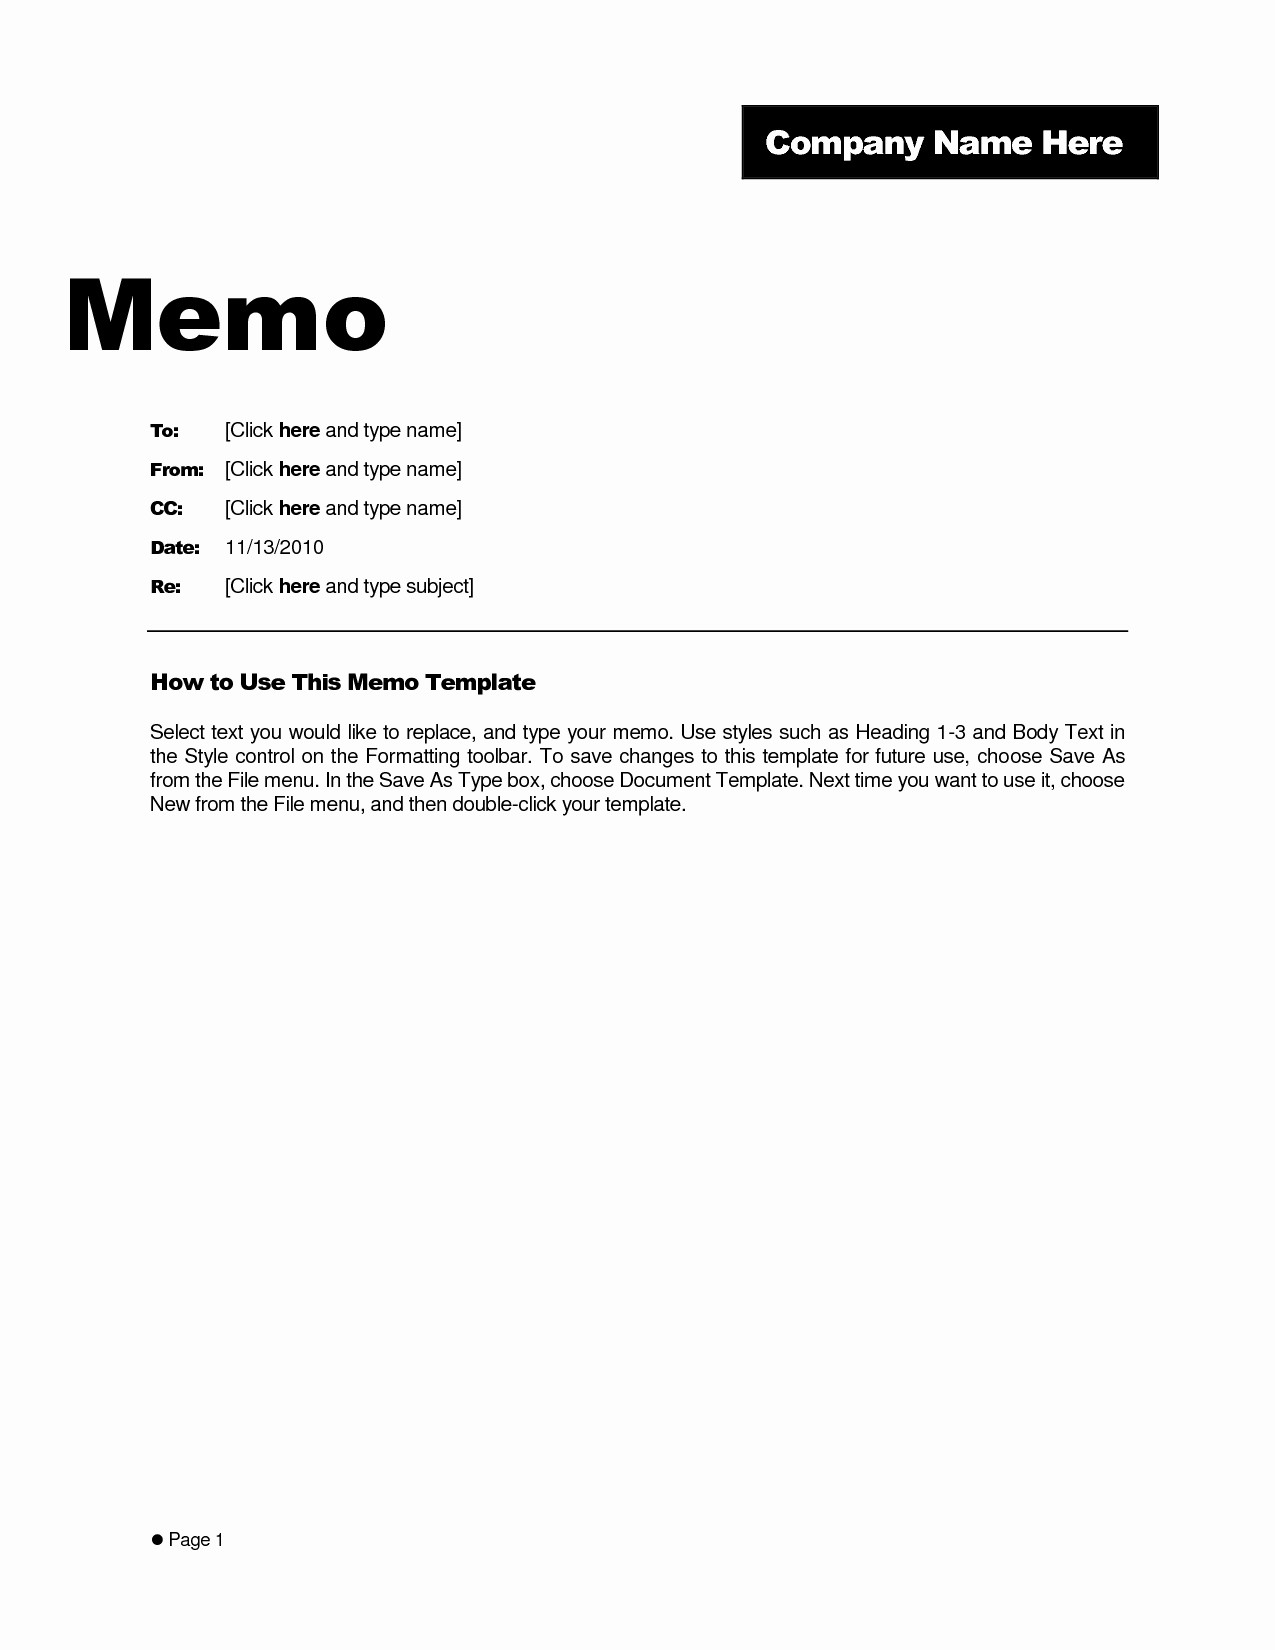 Ms Word Memo Templates Free Elegant Business Memo format Microsoft Word